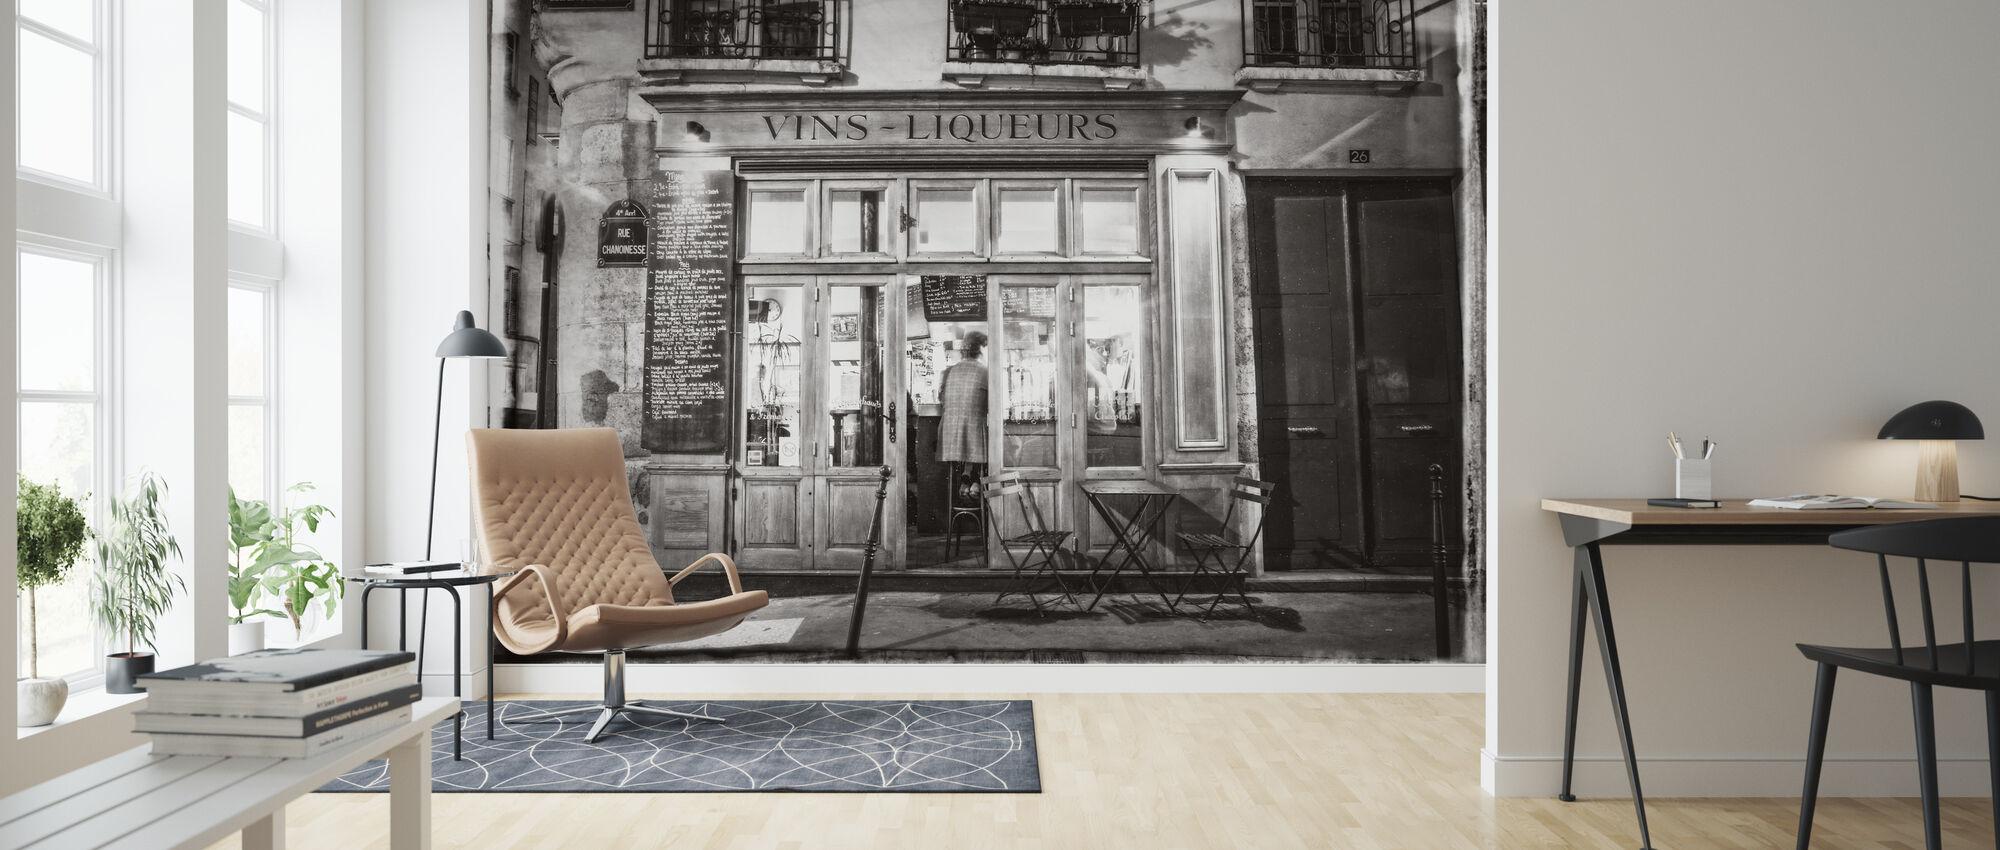 Liquor Store - Paris - Wallpaper - Living Room